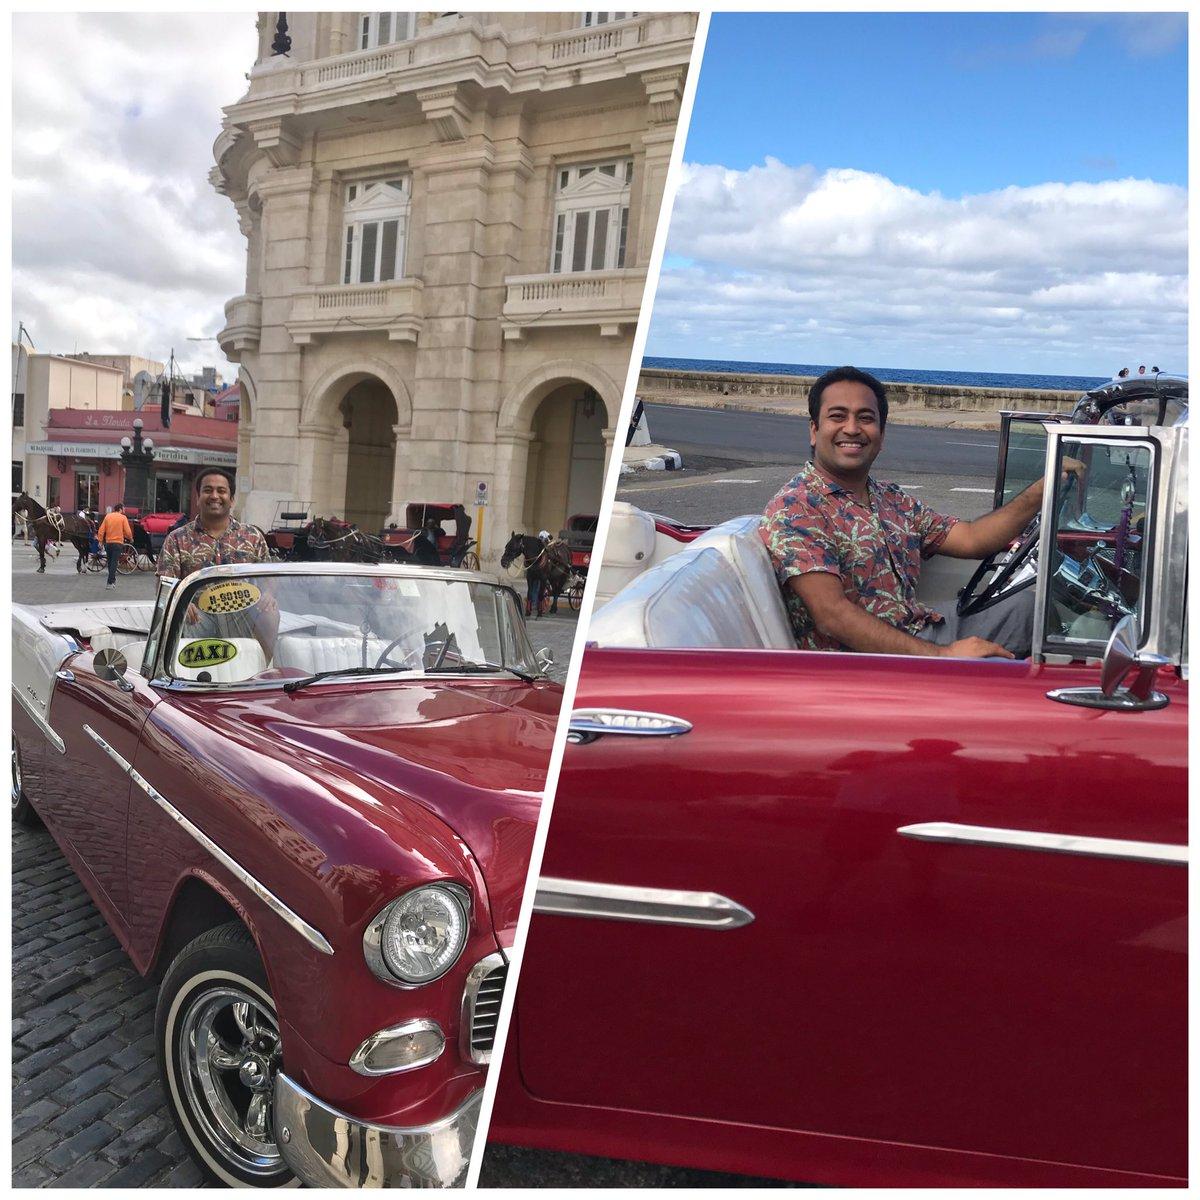 Ride anyone? #cuba 🇨🇺 #paraíso #timecapsule #travel 🌍👓